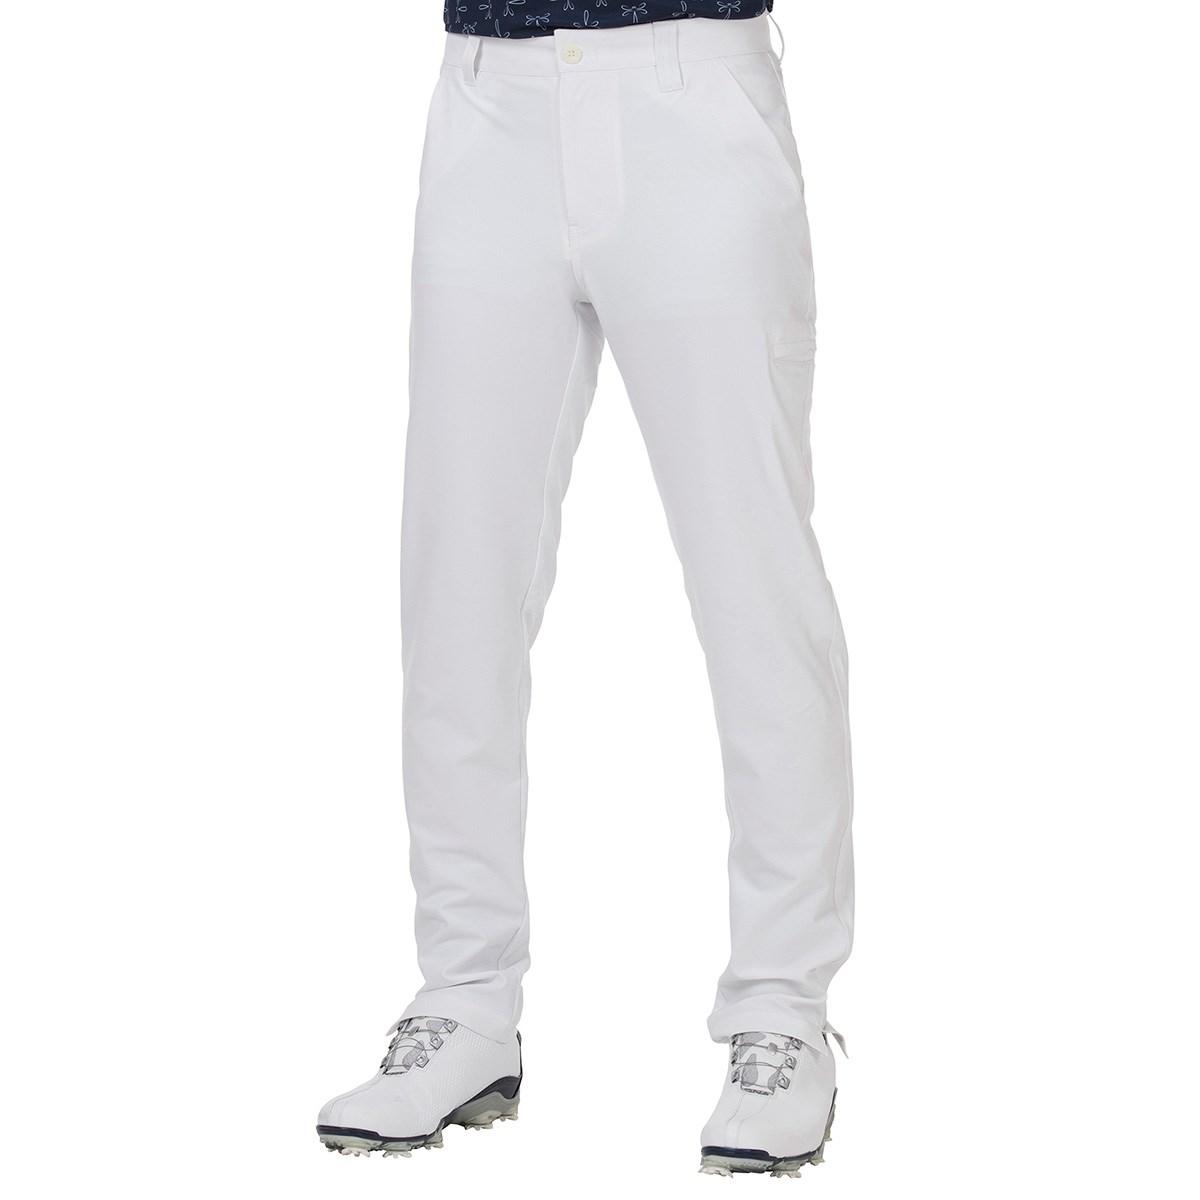 GDO オリジナル GDO ORIGINAL 7ポケットゴルフパンツ 股下82cm 7:ウエスト目安93-95 ホワイト